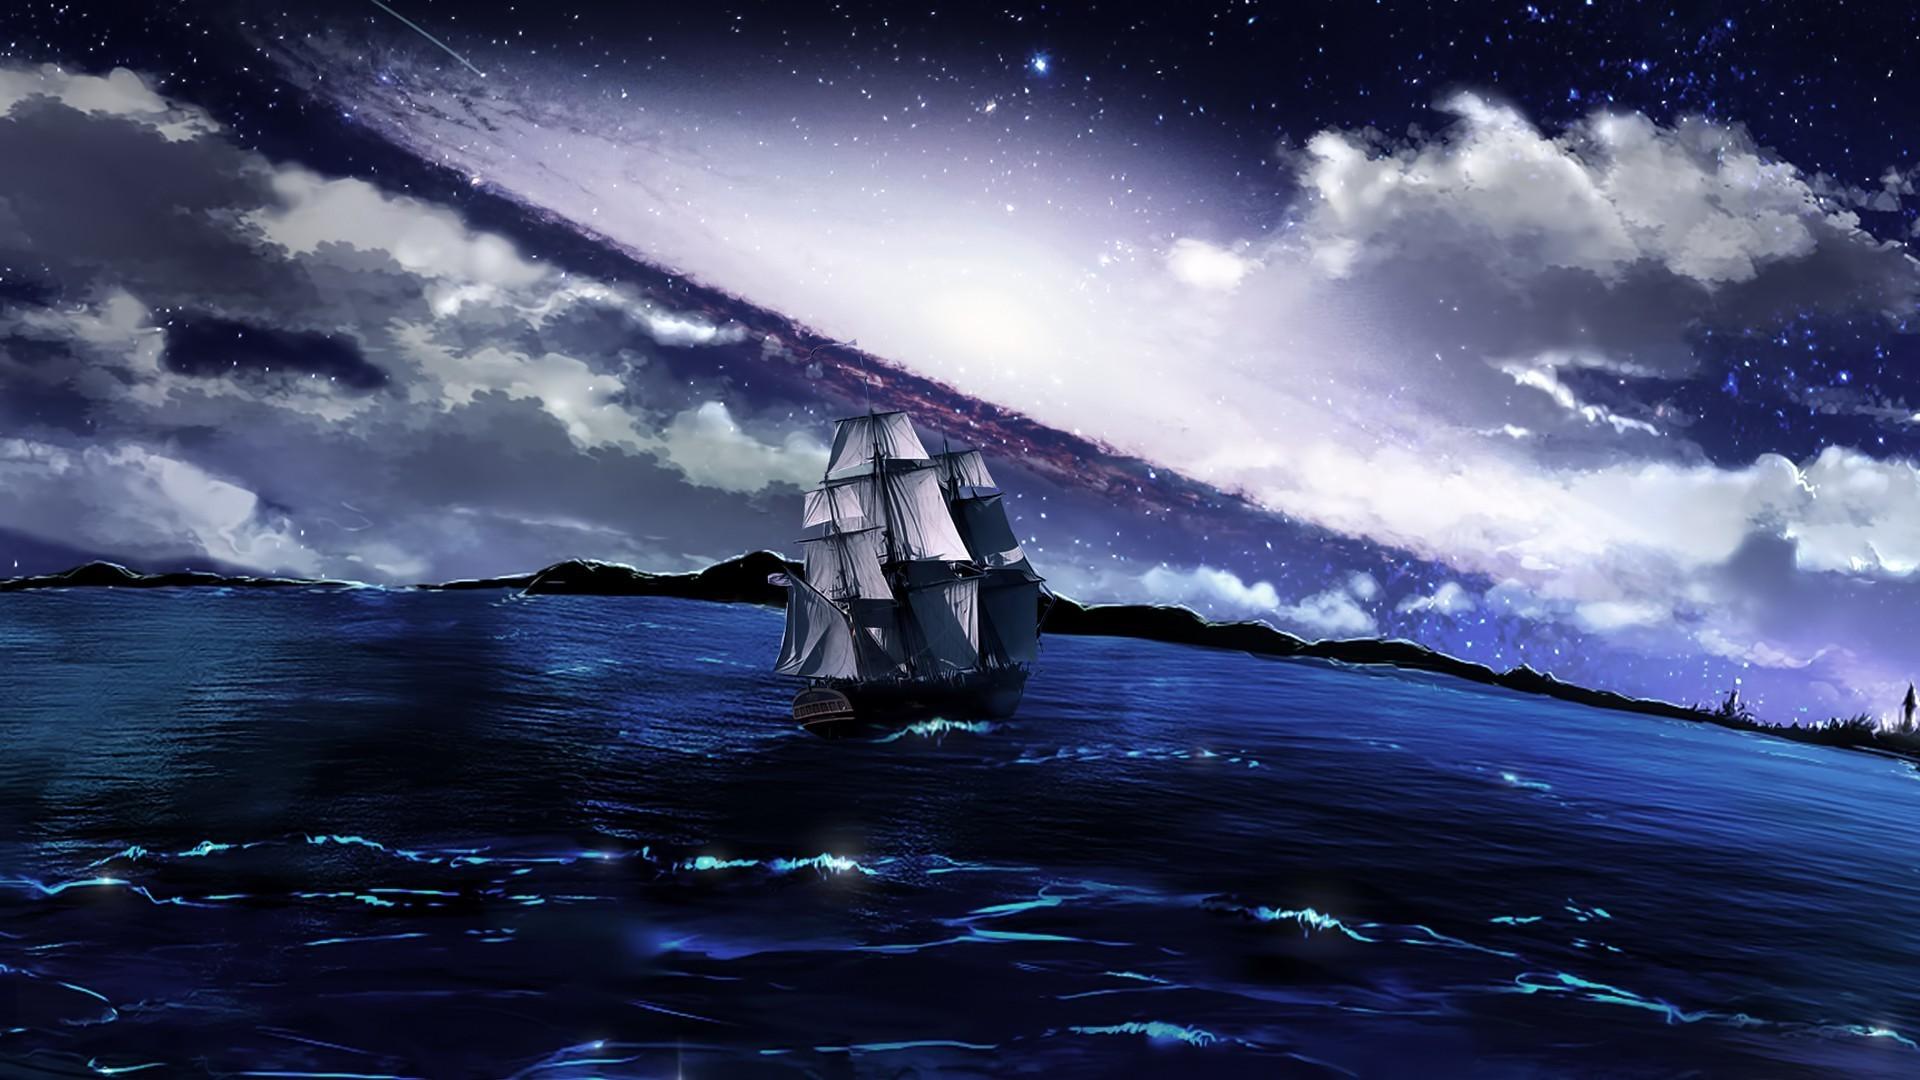 что корабли в небе картинки подчеркнуть свою привлекательность